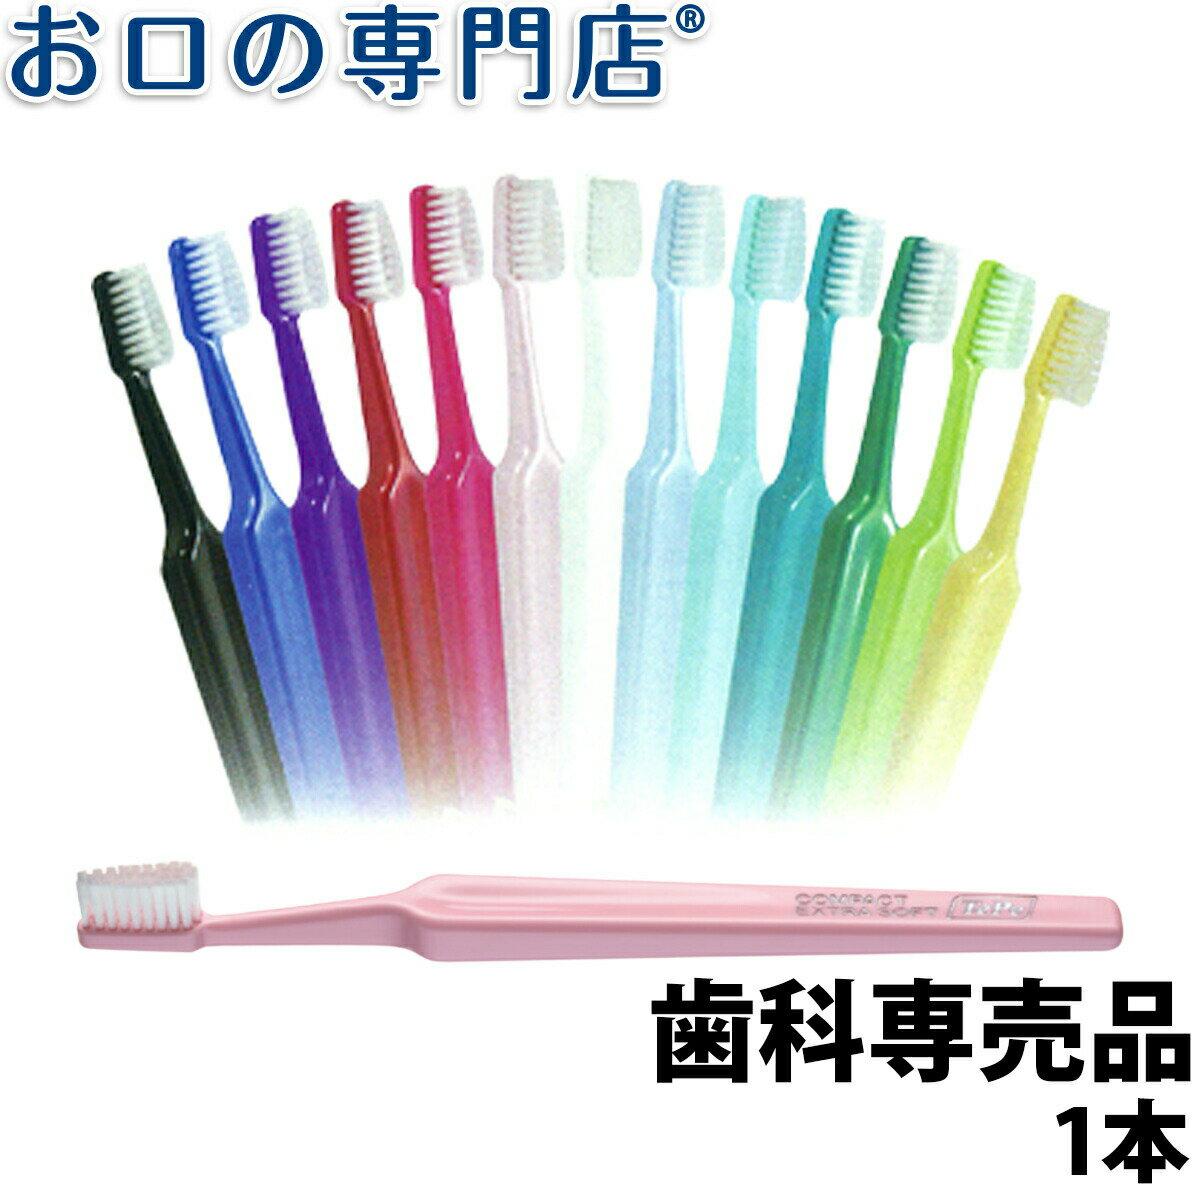 【05】クロスフィールド TePe テペセレクトコンパクト歯ブラシ 1本【メール便45本ま…...:okuchi:10000774